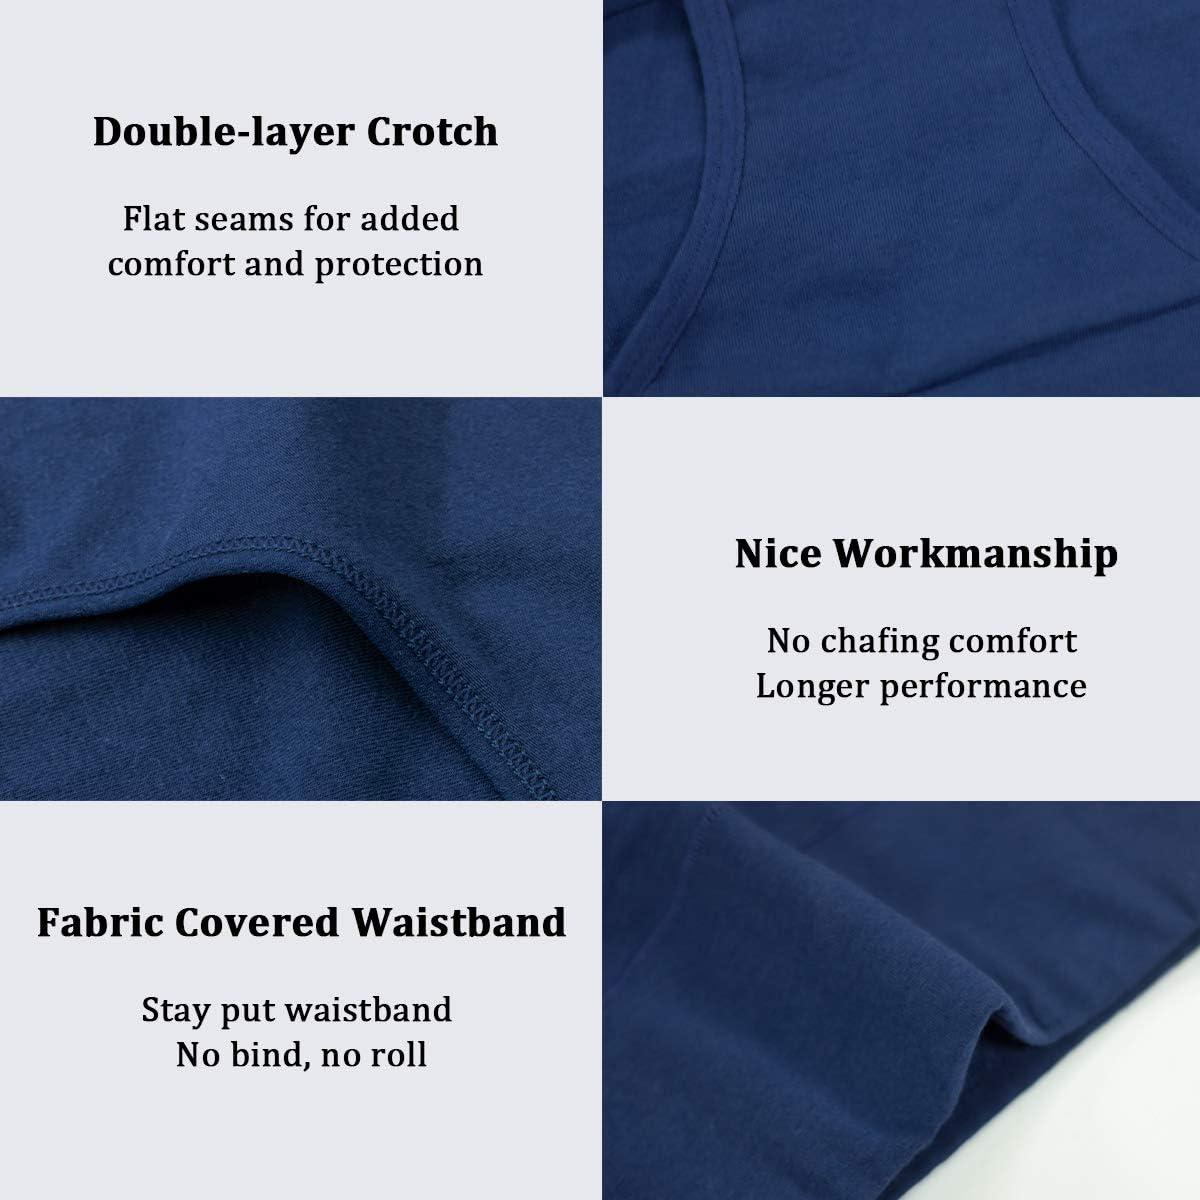 wirarpa Ladies Underwear Cotton Full Briefs High Waist Knickers Underwear Panties for Women Multipack